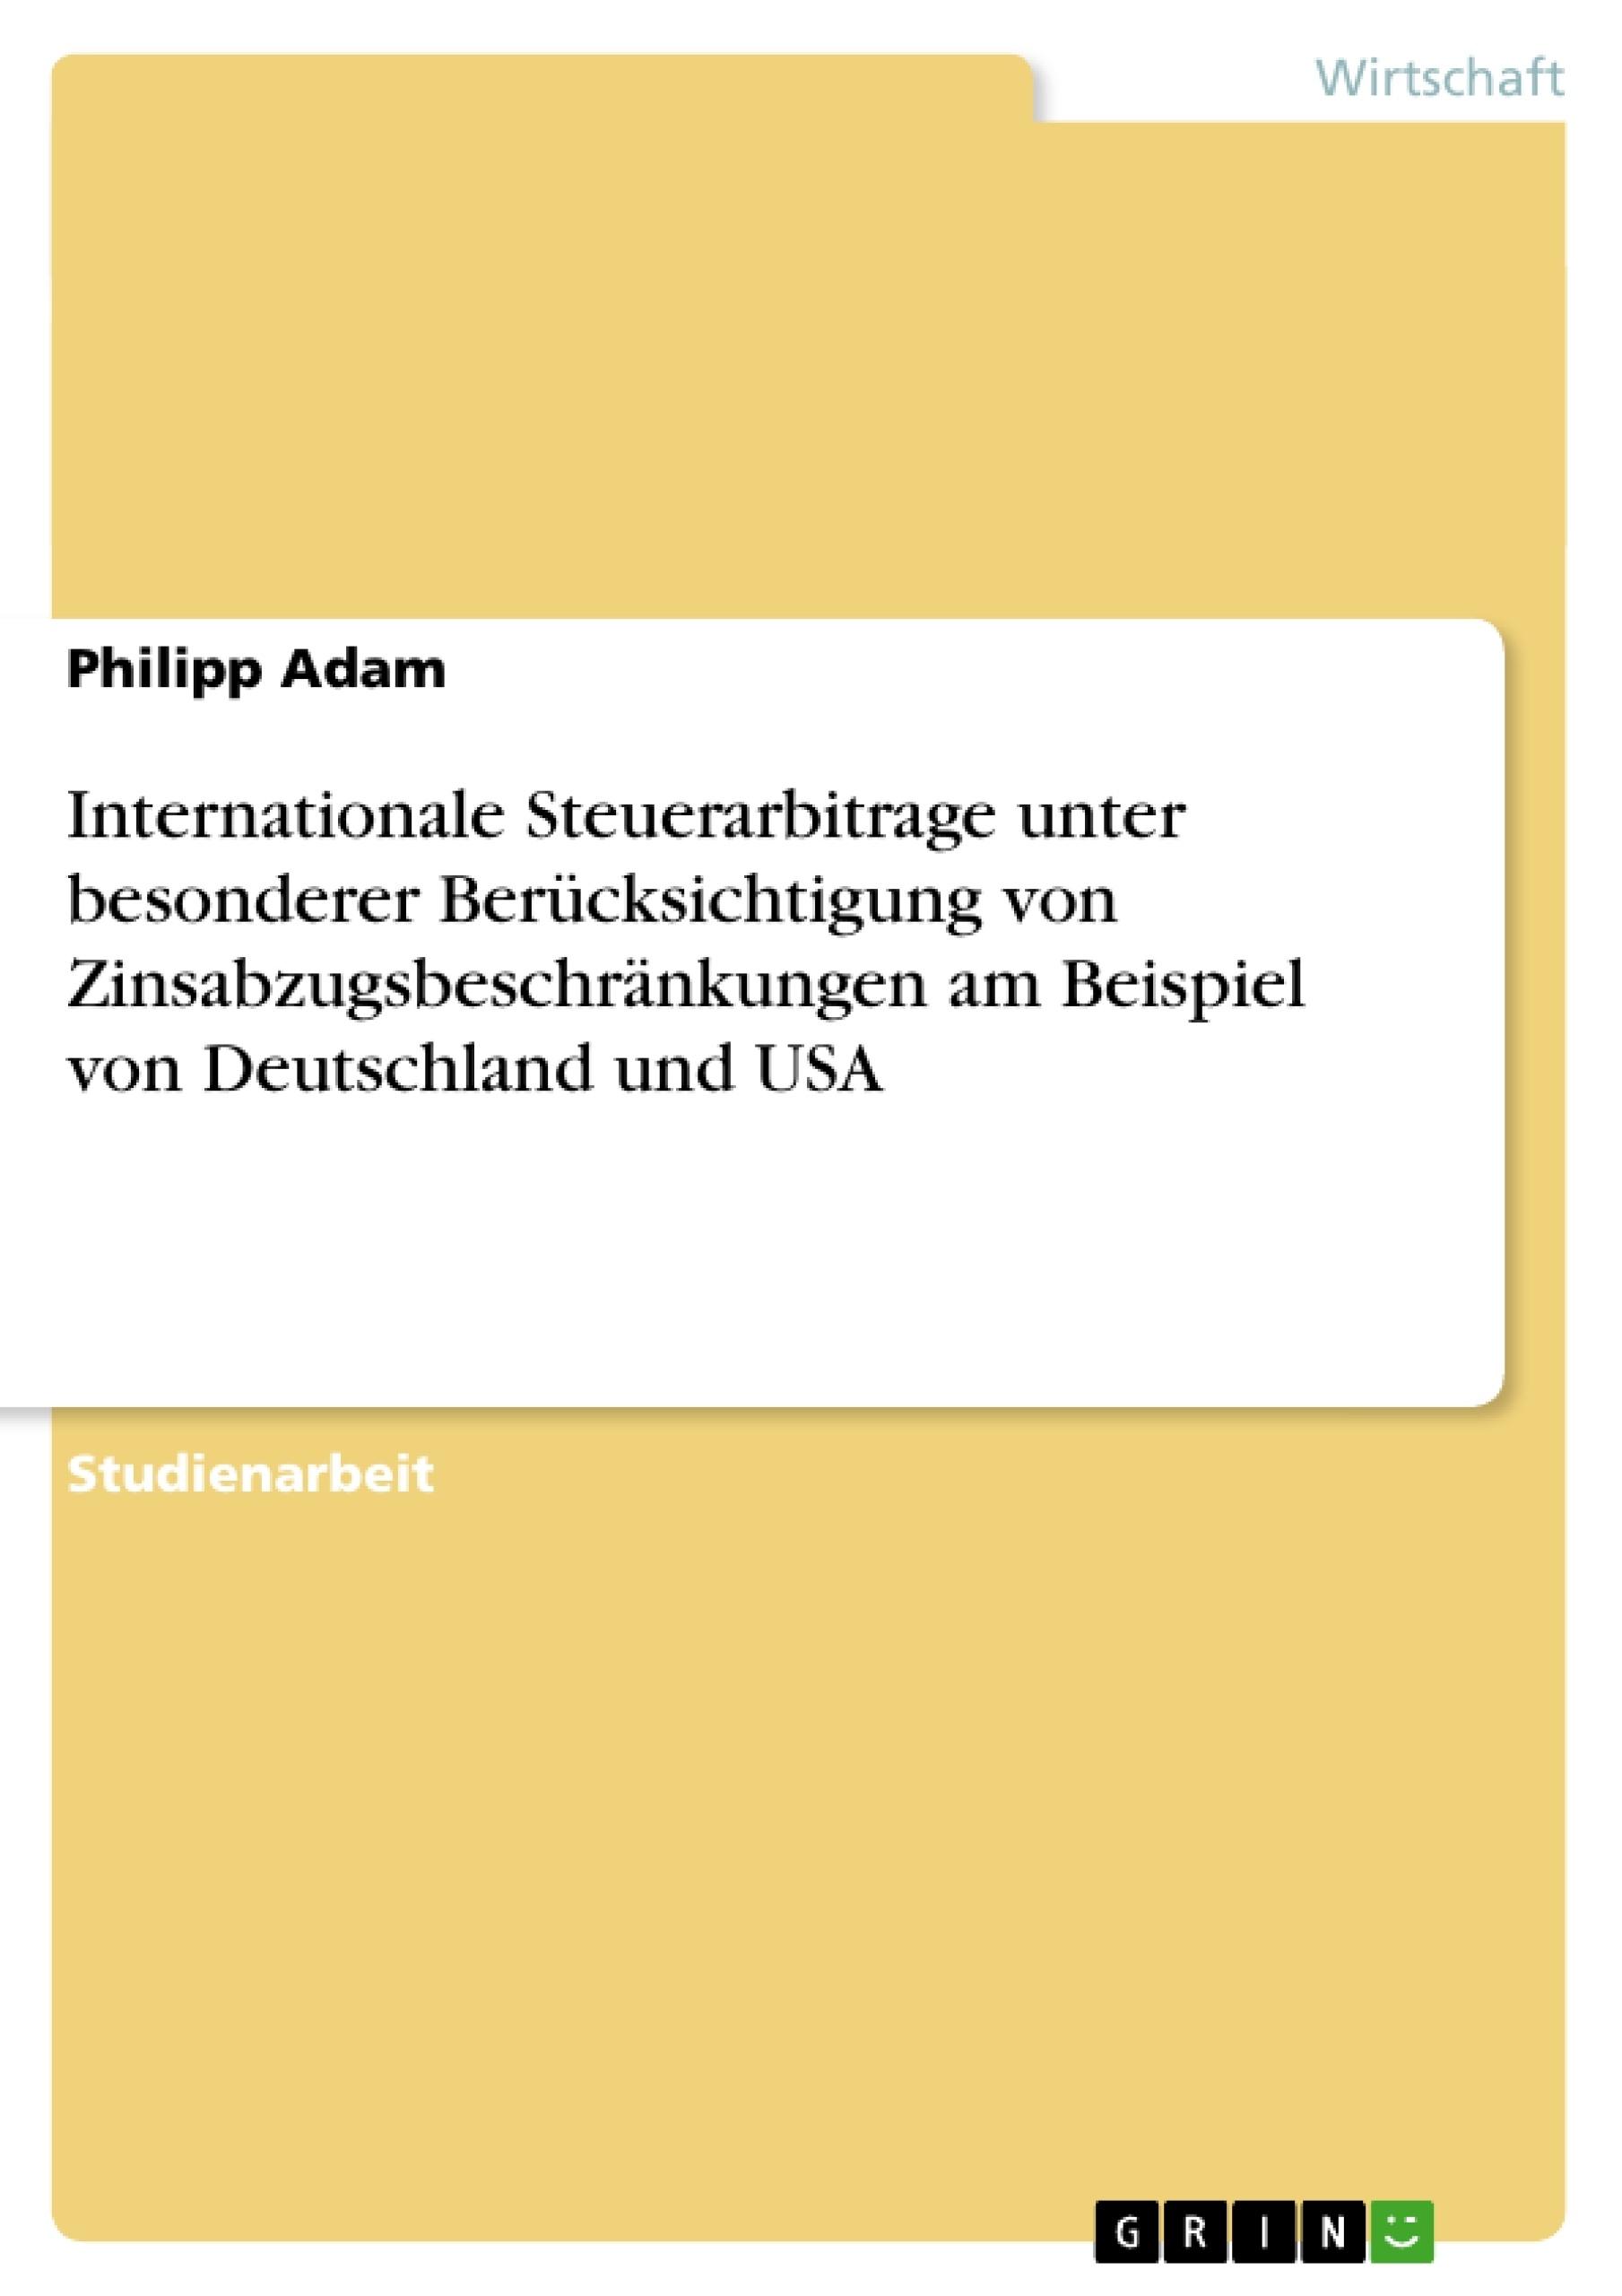 Titel: Internationale Steuerarbitrage unter besonderer Berücksichtigung von Zinsabzugsbeschränkungen am Beispiel von Deutschland und USA